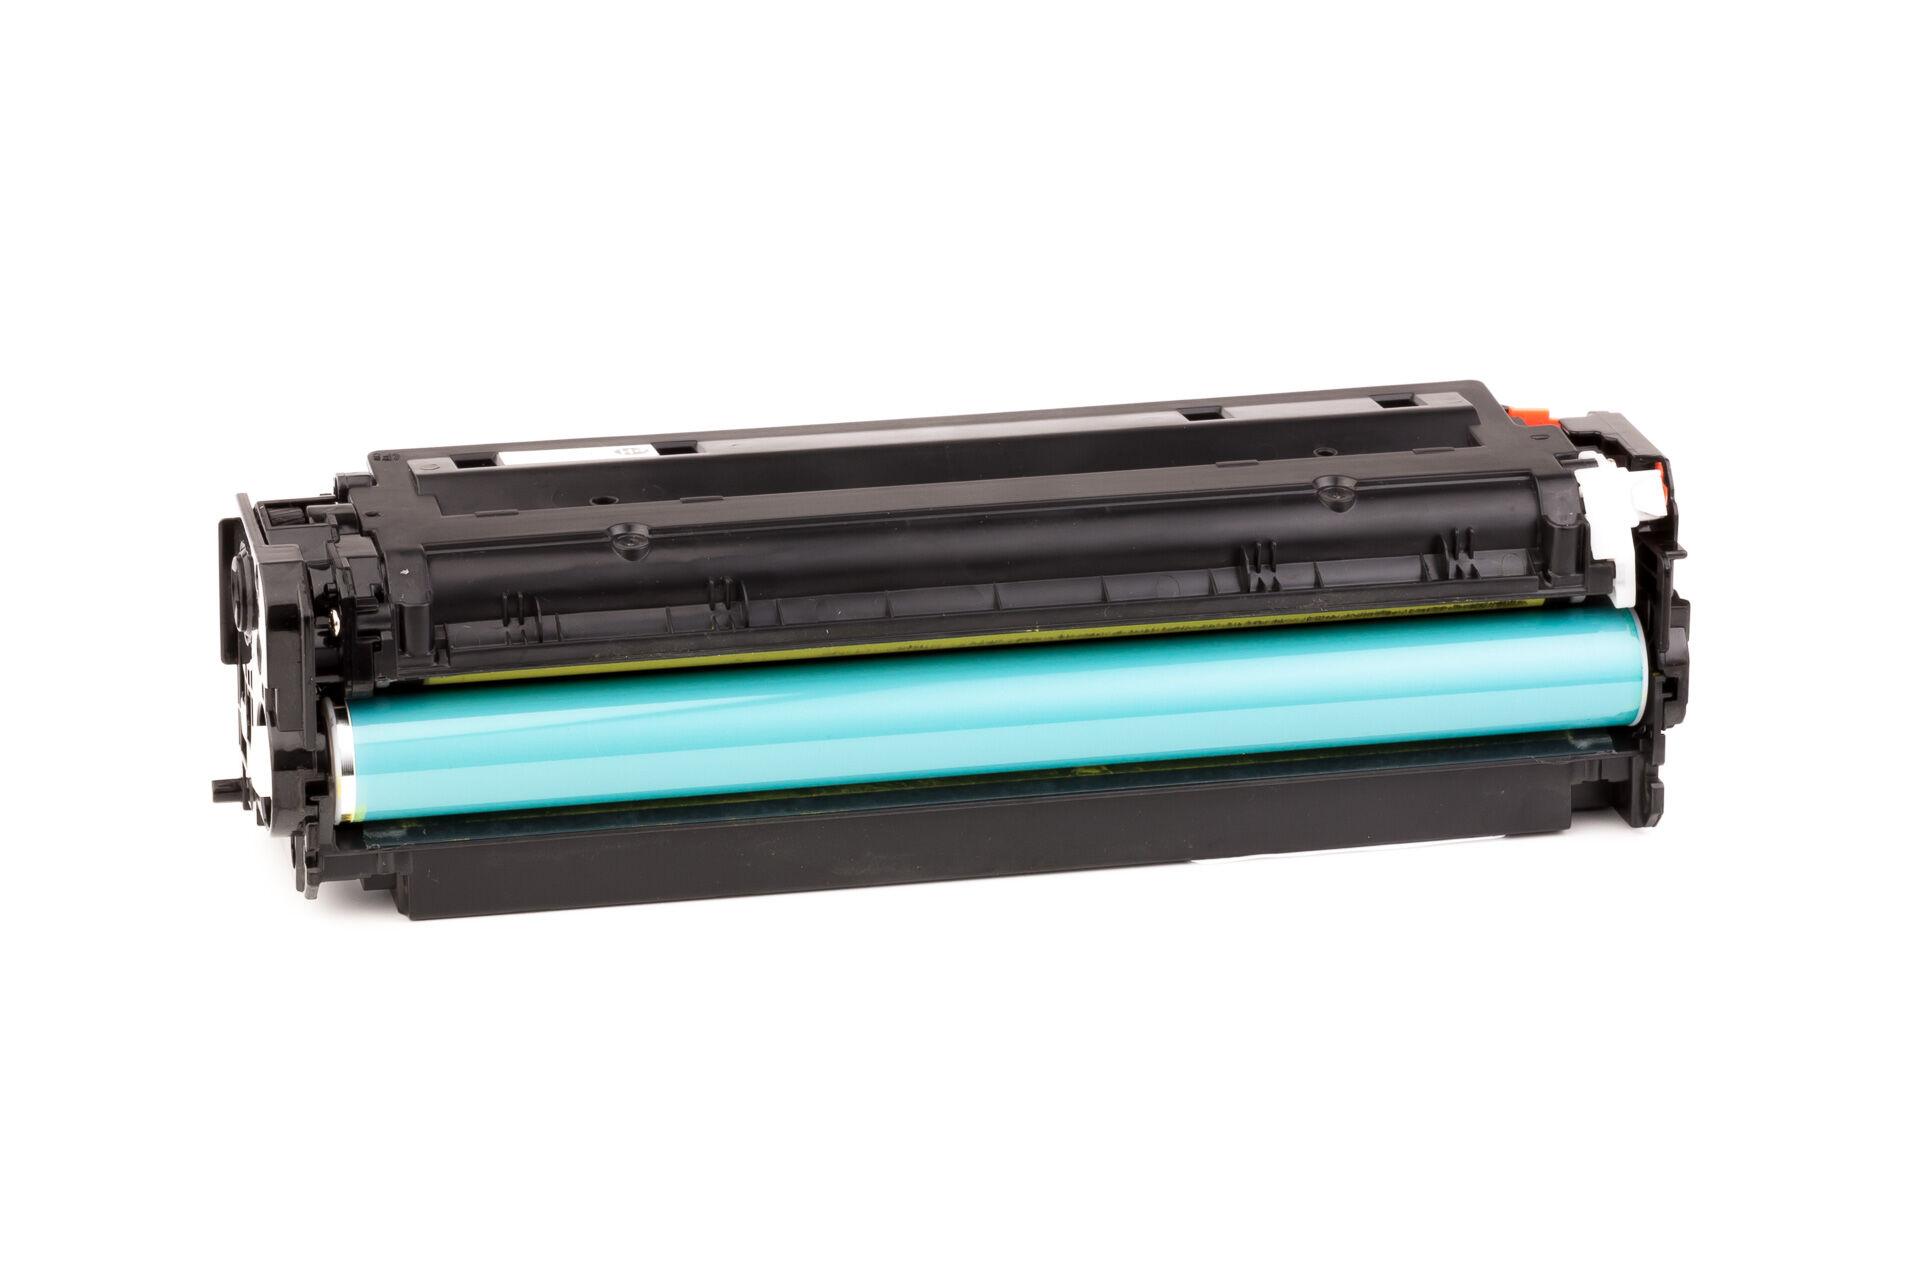 HP Cartouche de Toner pour HP CF382A / 312A jaune compatible (de marque ASC)